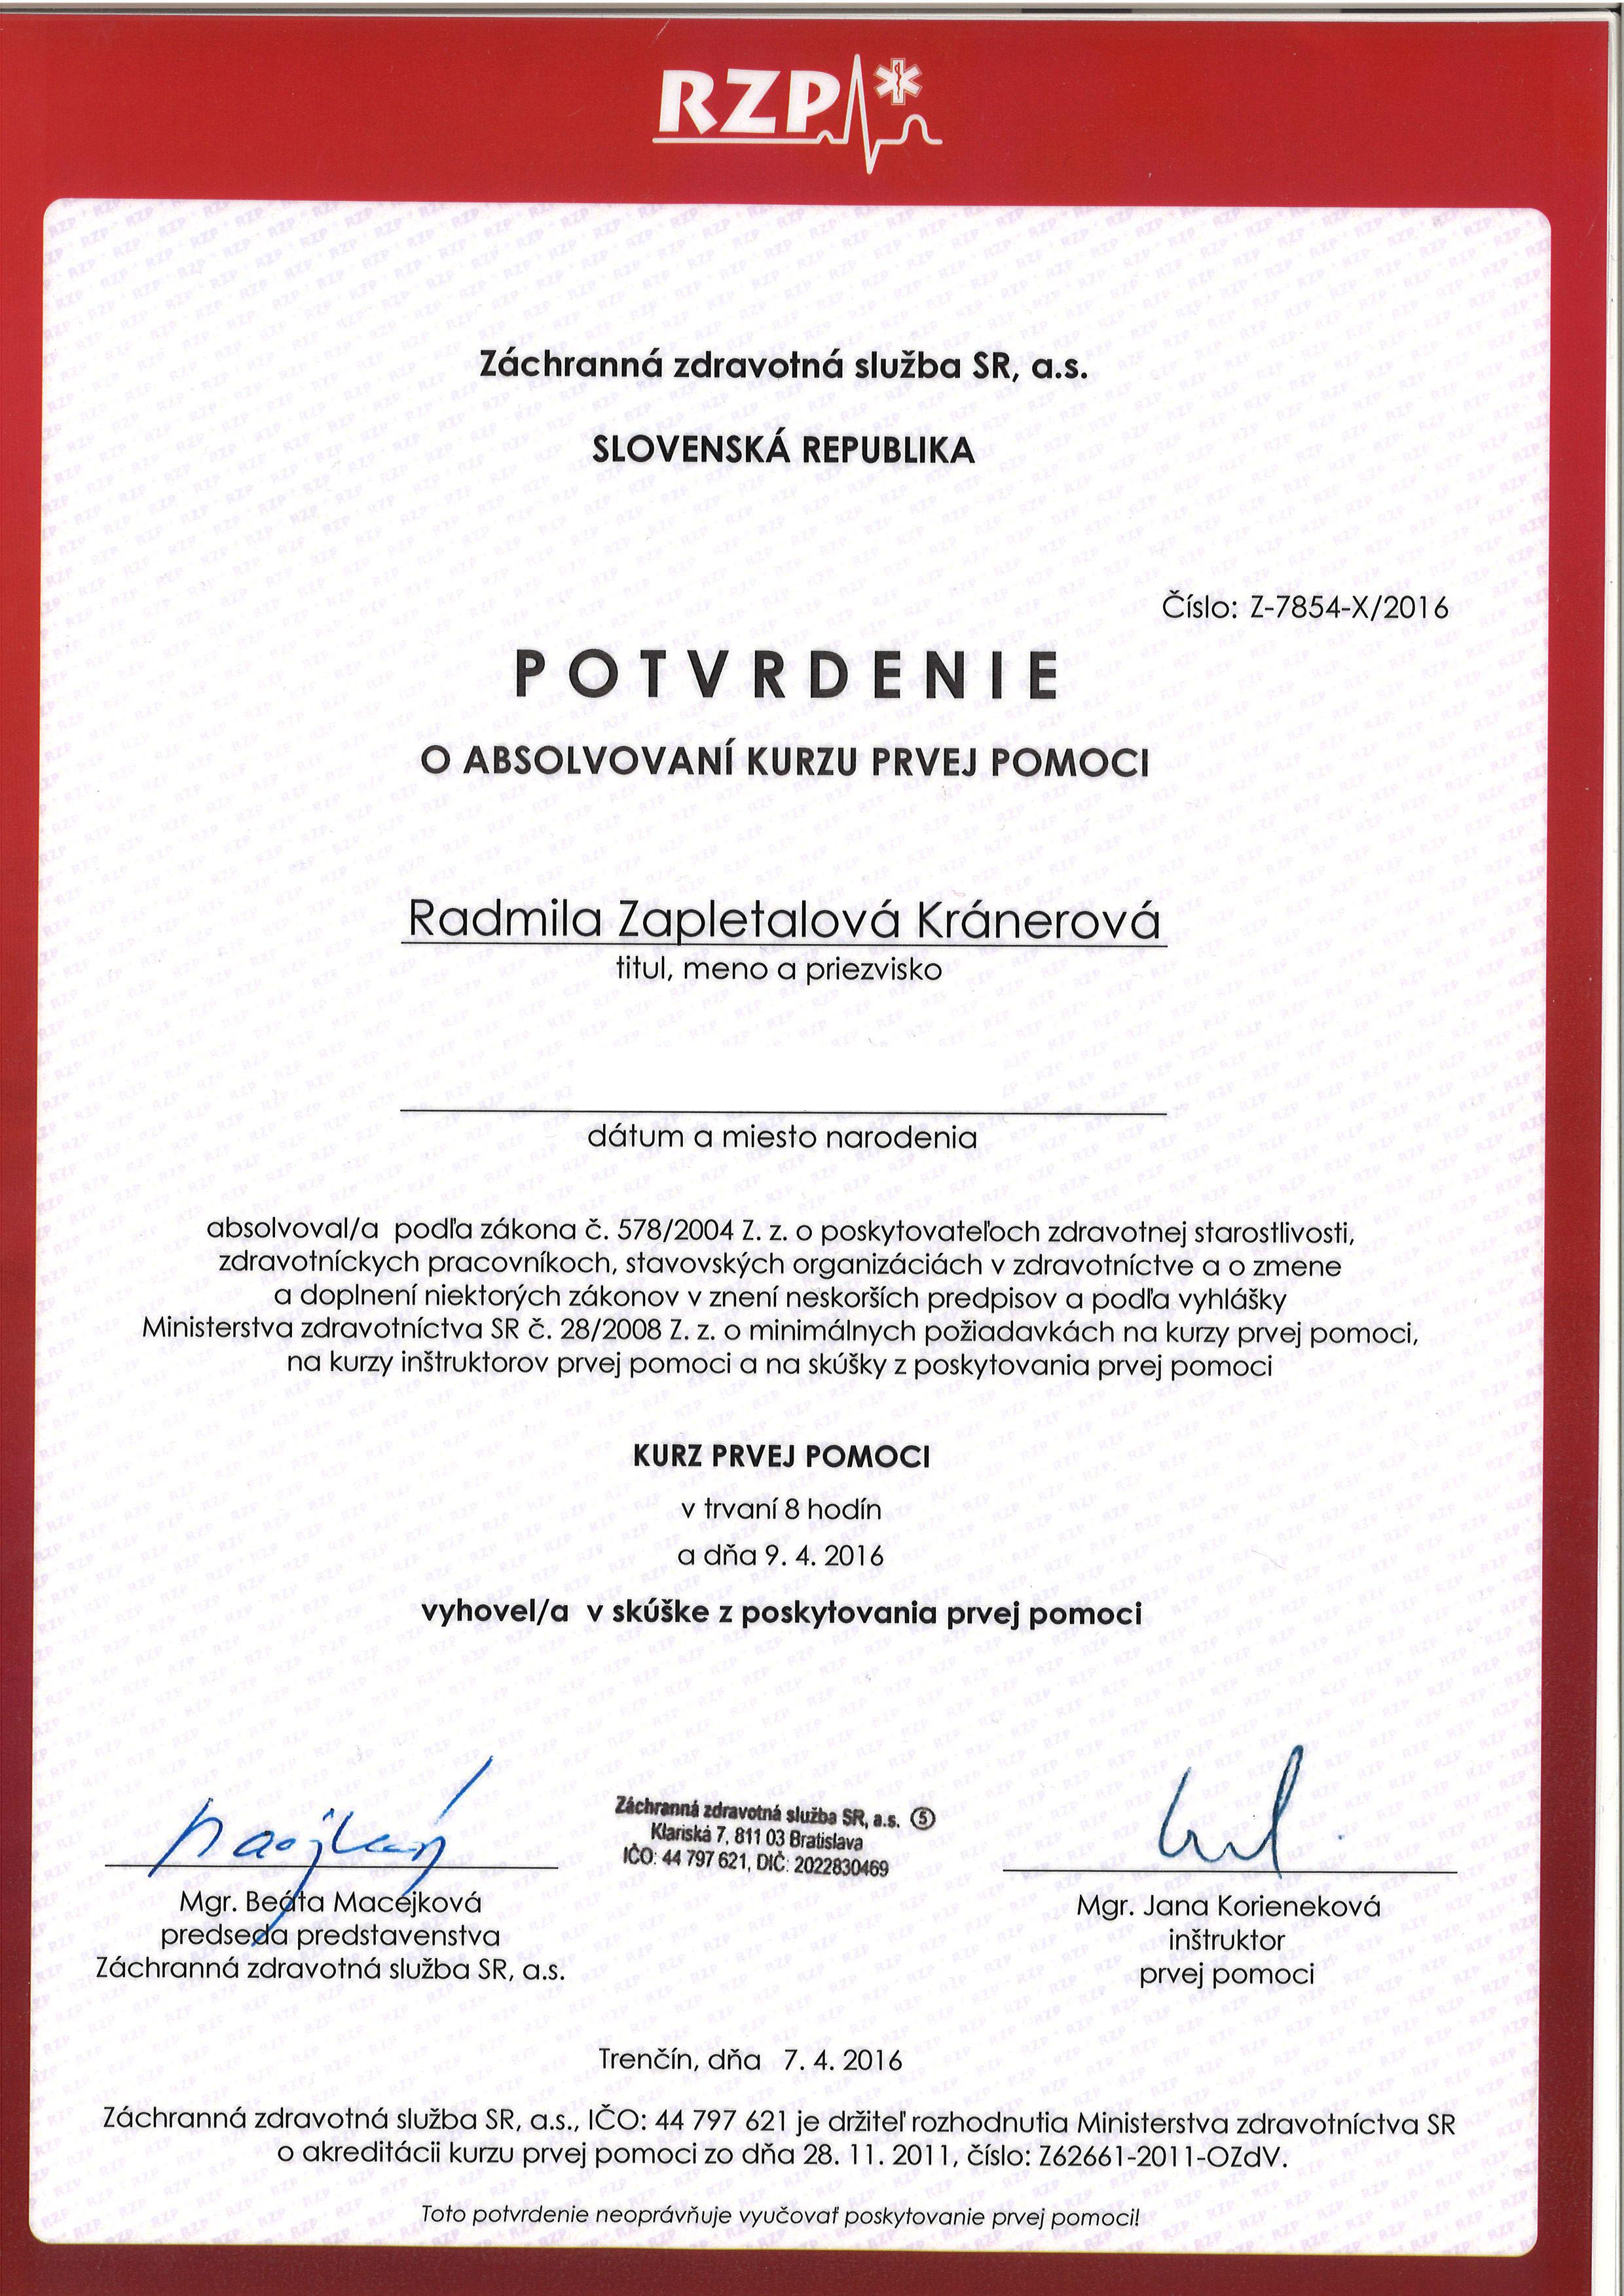 certifikaty-radmila-zapletalova-kranerova-02